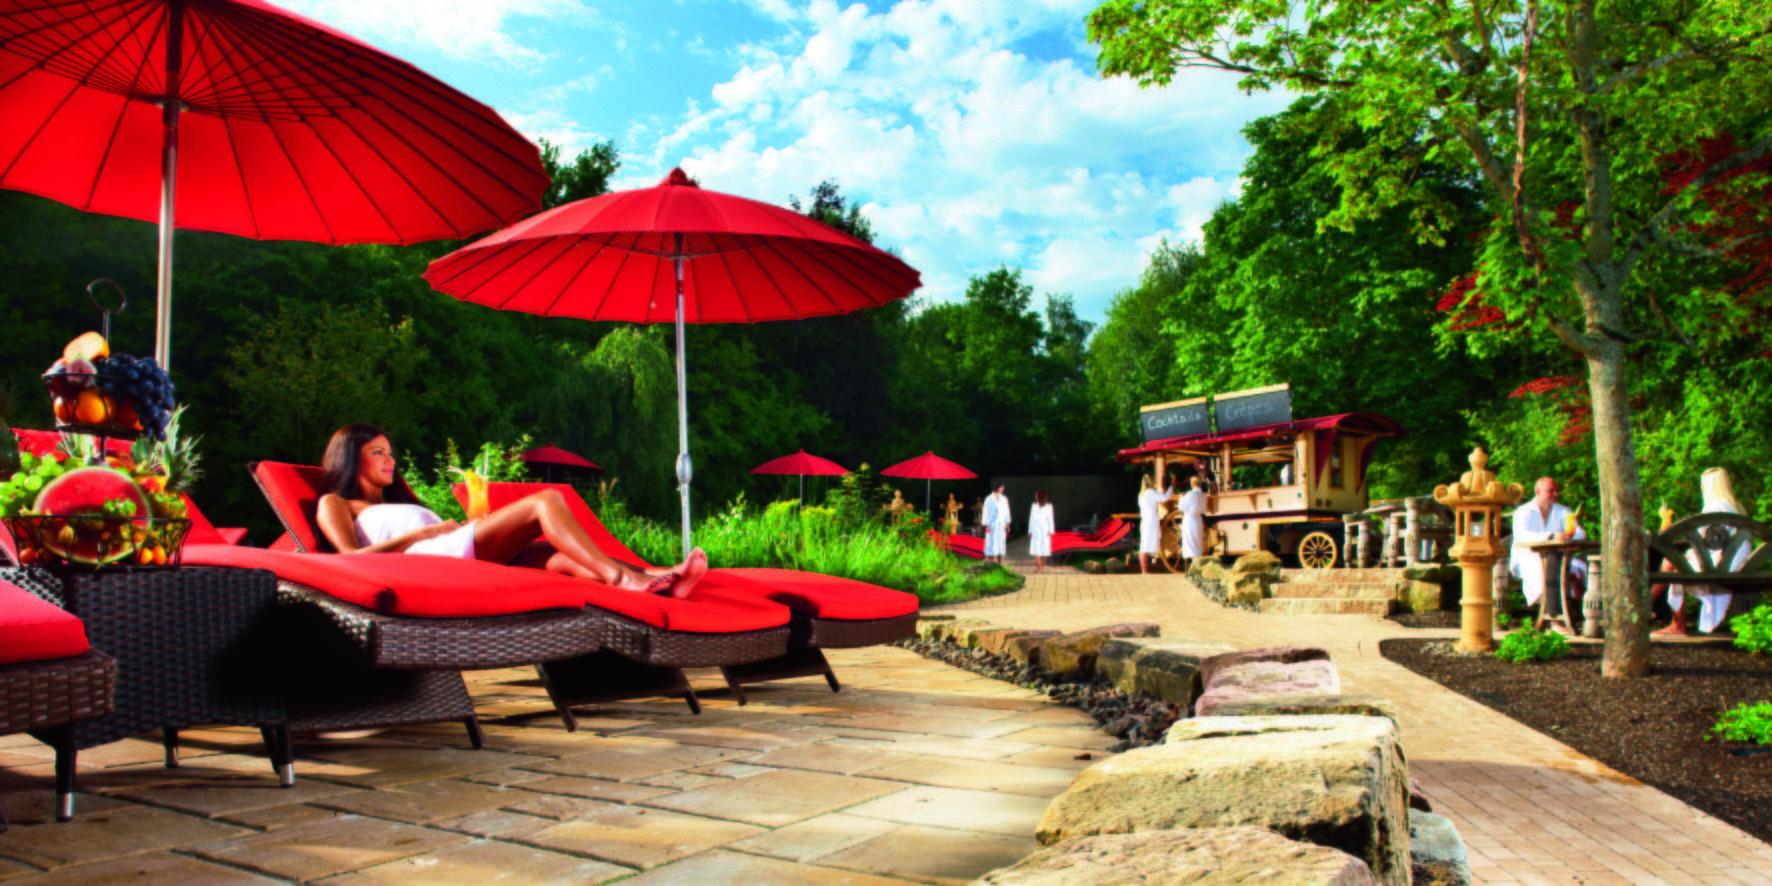 sieben welten f r freundinnen im b der park hotel sieben welten therme spa resort in fulda. Black Bedroom Furniture Sets. Home Design Ideas